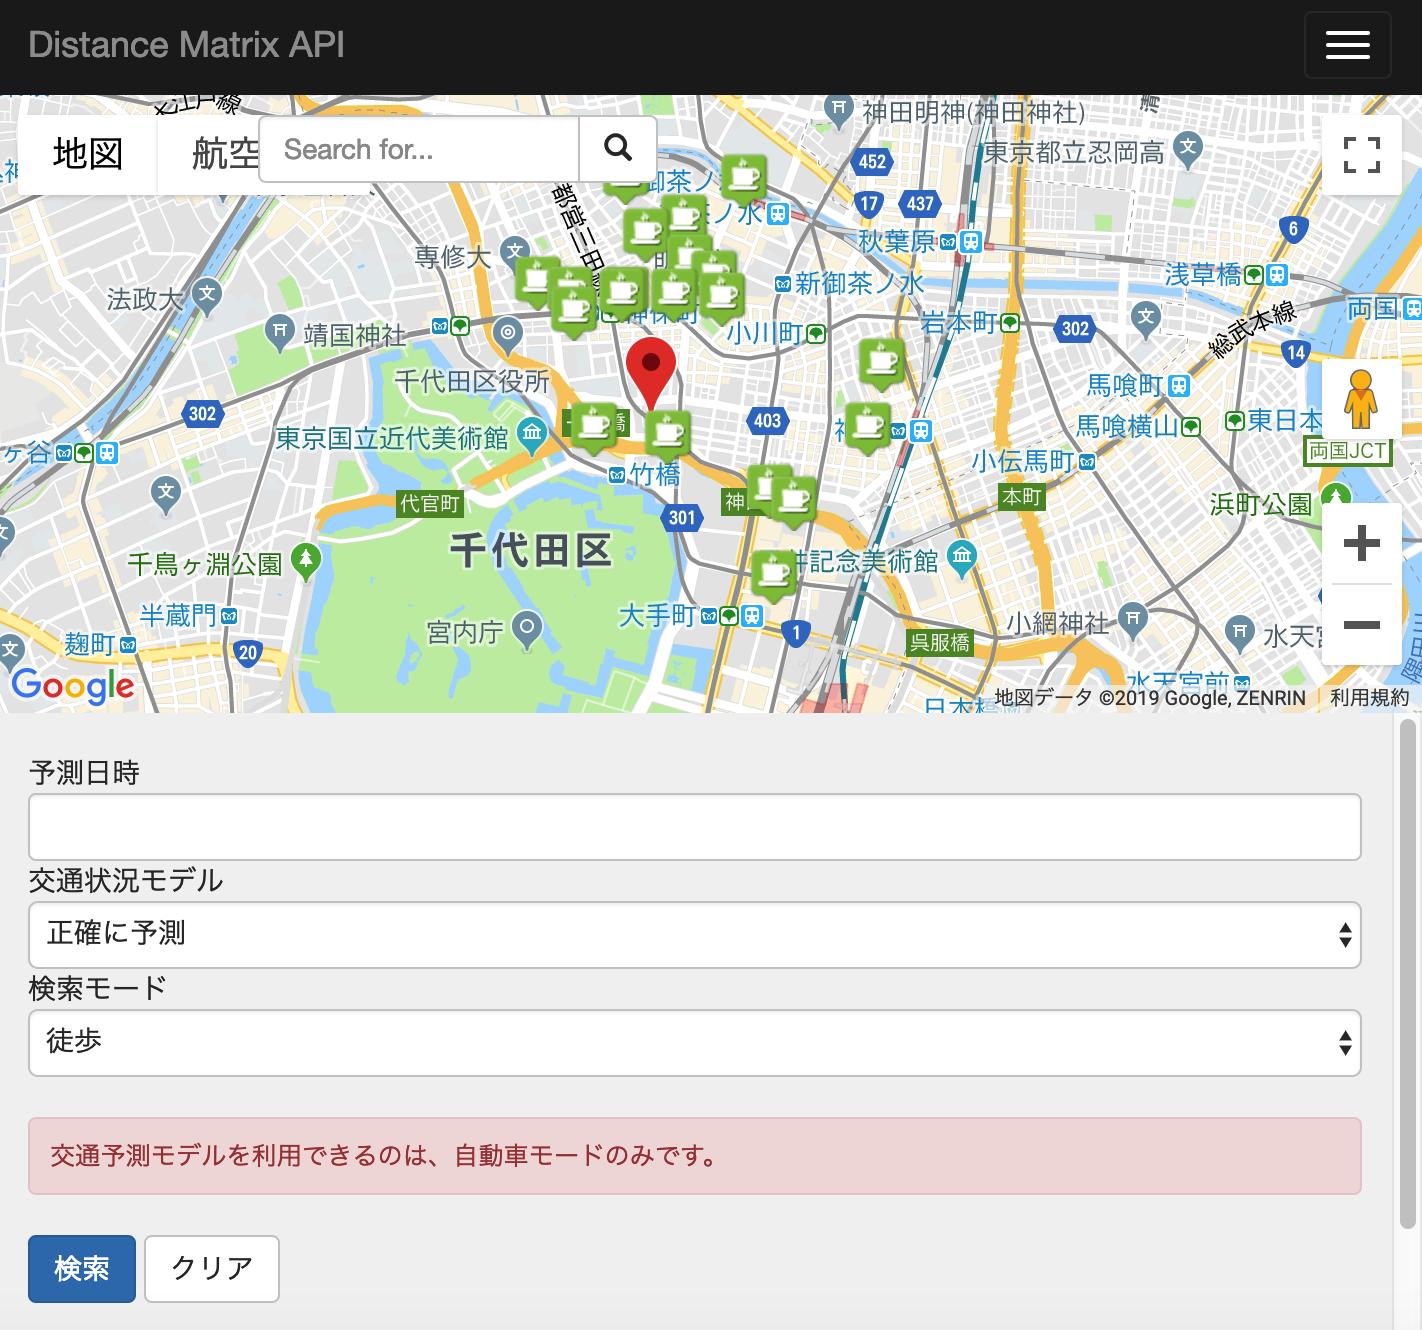 Distance Matrix API の使い方を考える – マルティスープ株式会社